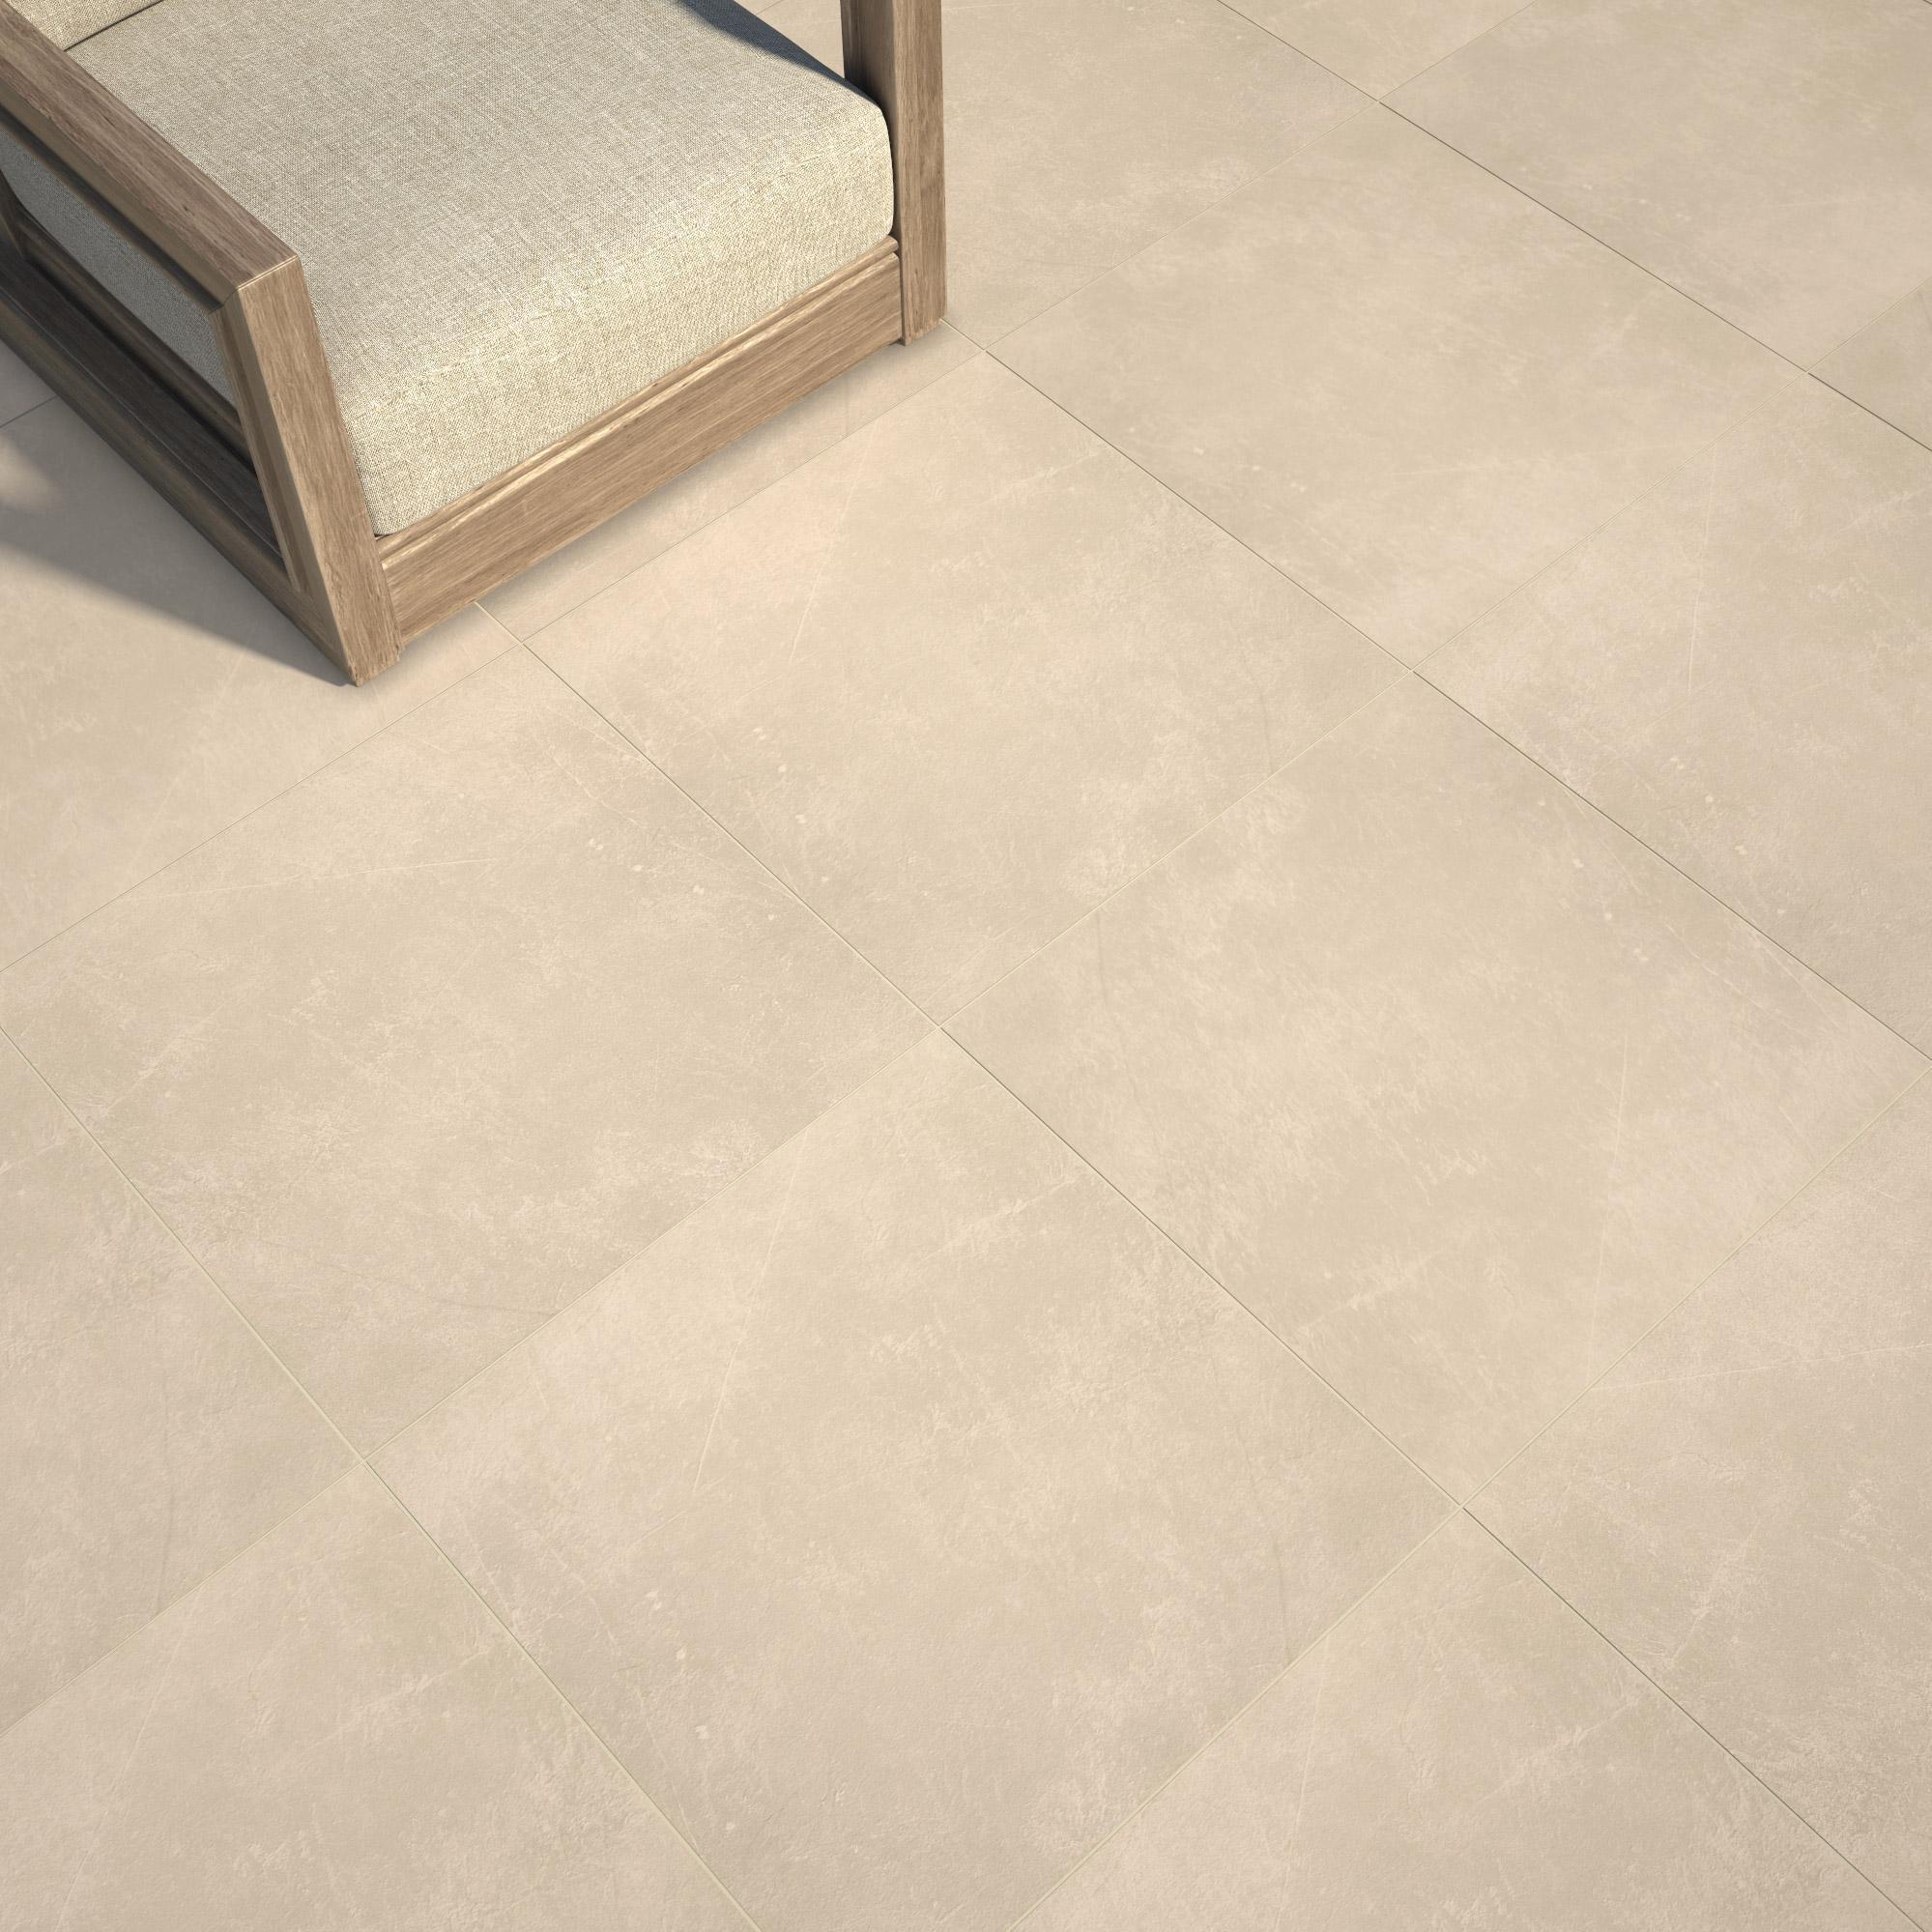 Carrelage sol et mur intenso pierre beige Sicile l.30 x L.60 cm GRAND DESIR - SU